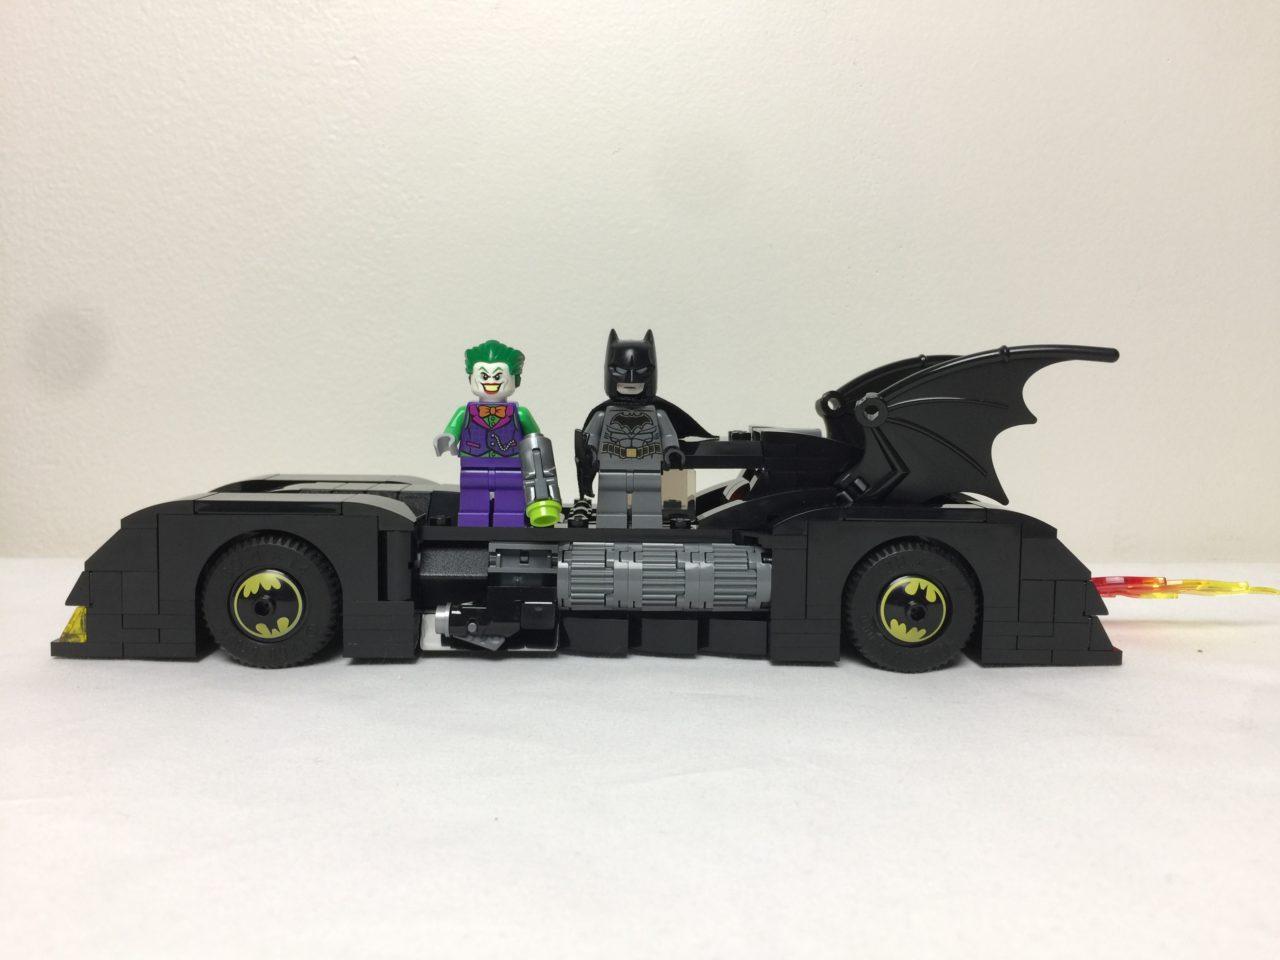 76119 The Batmobile: Pursuit of The Joker full set